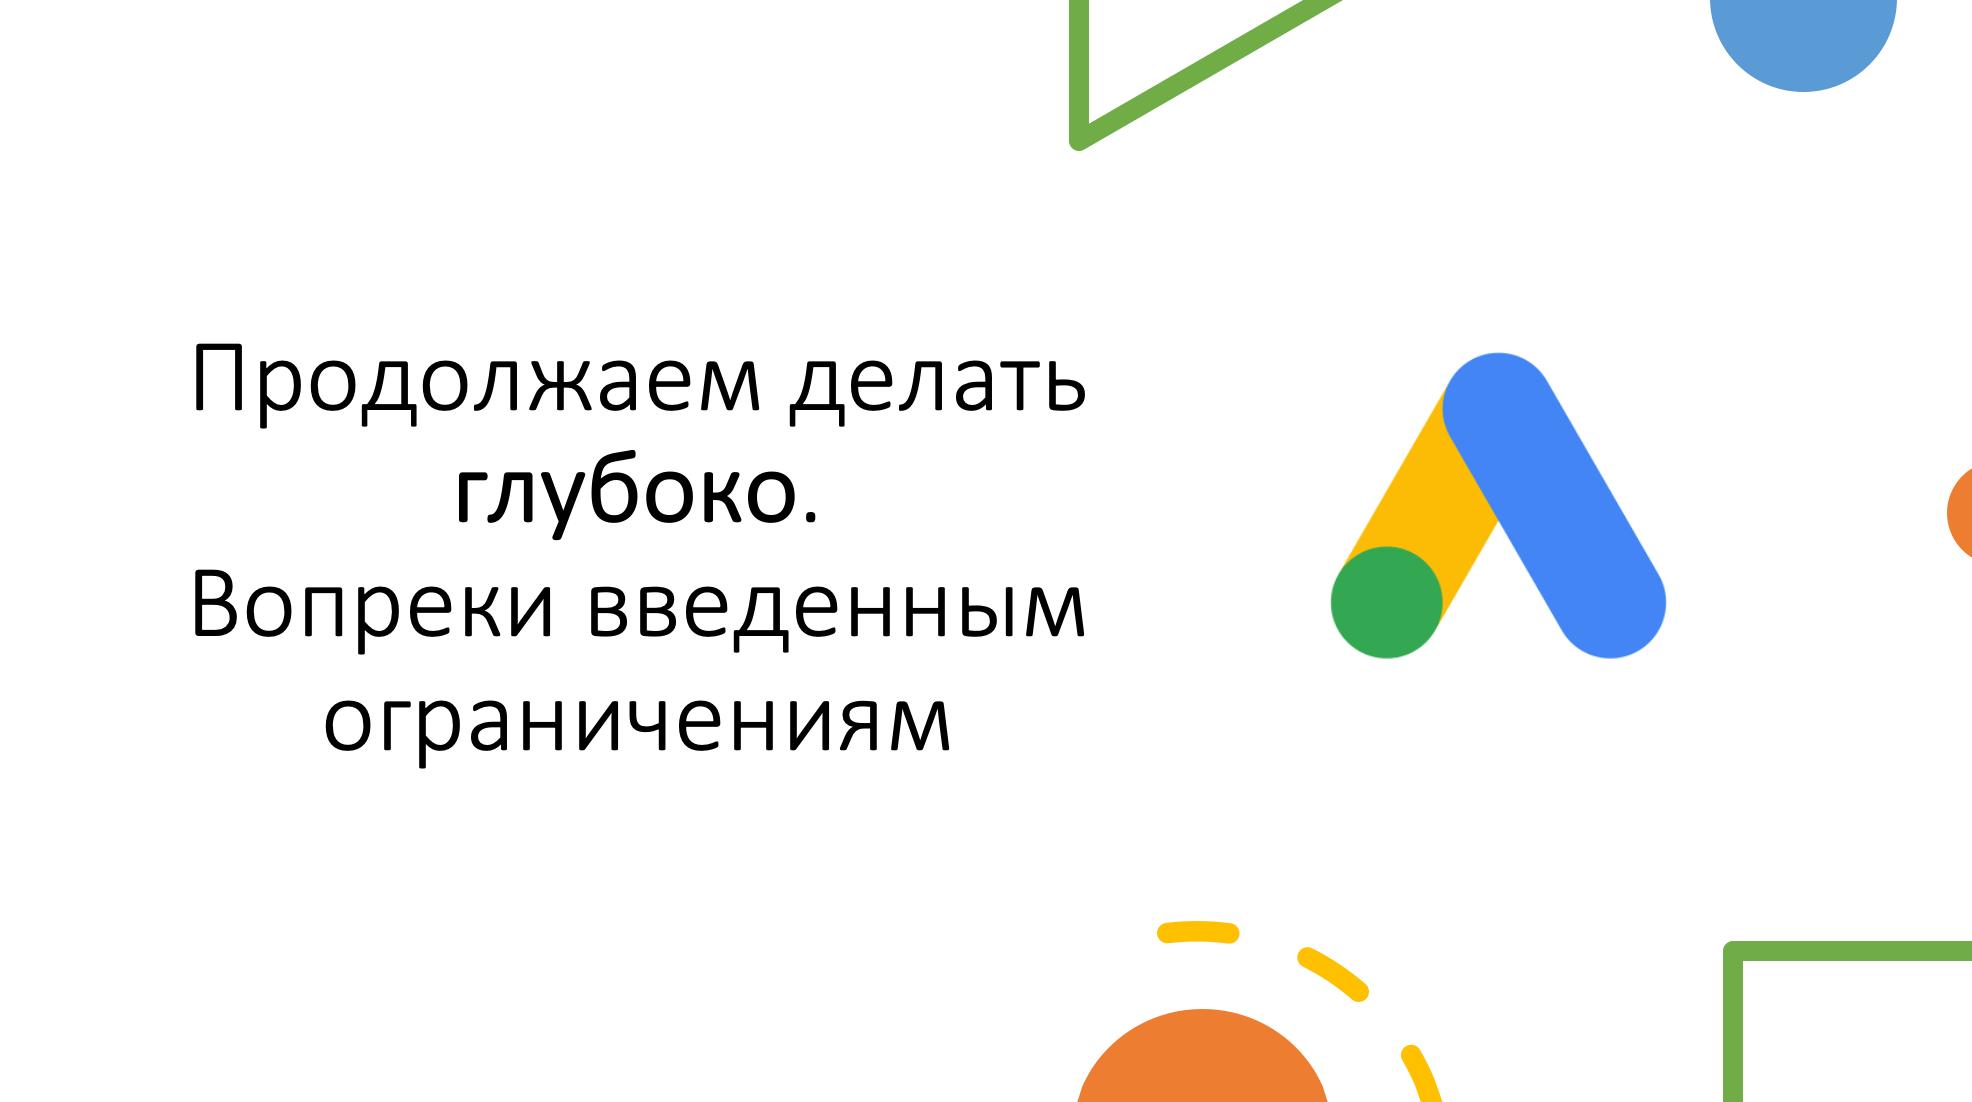 Как продолжать глубоко прорабатывать поисковые запросы в Google Ads (вопреки введенным ограничениям)